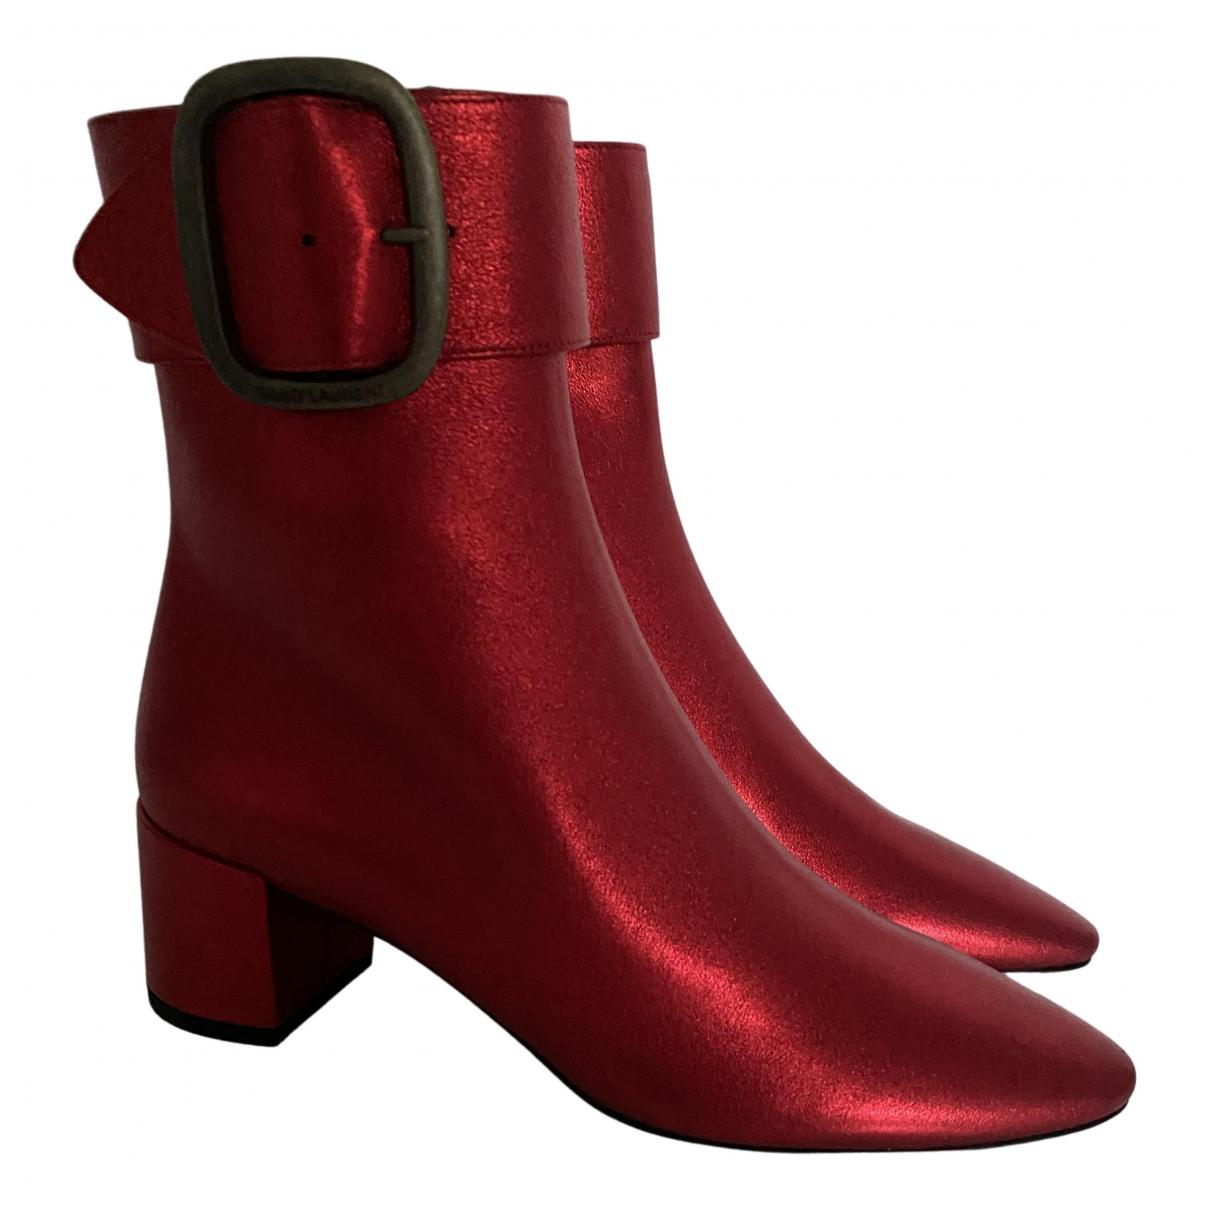 Saint Laurent - Boots Joplin pour femme en cuir - rouge